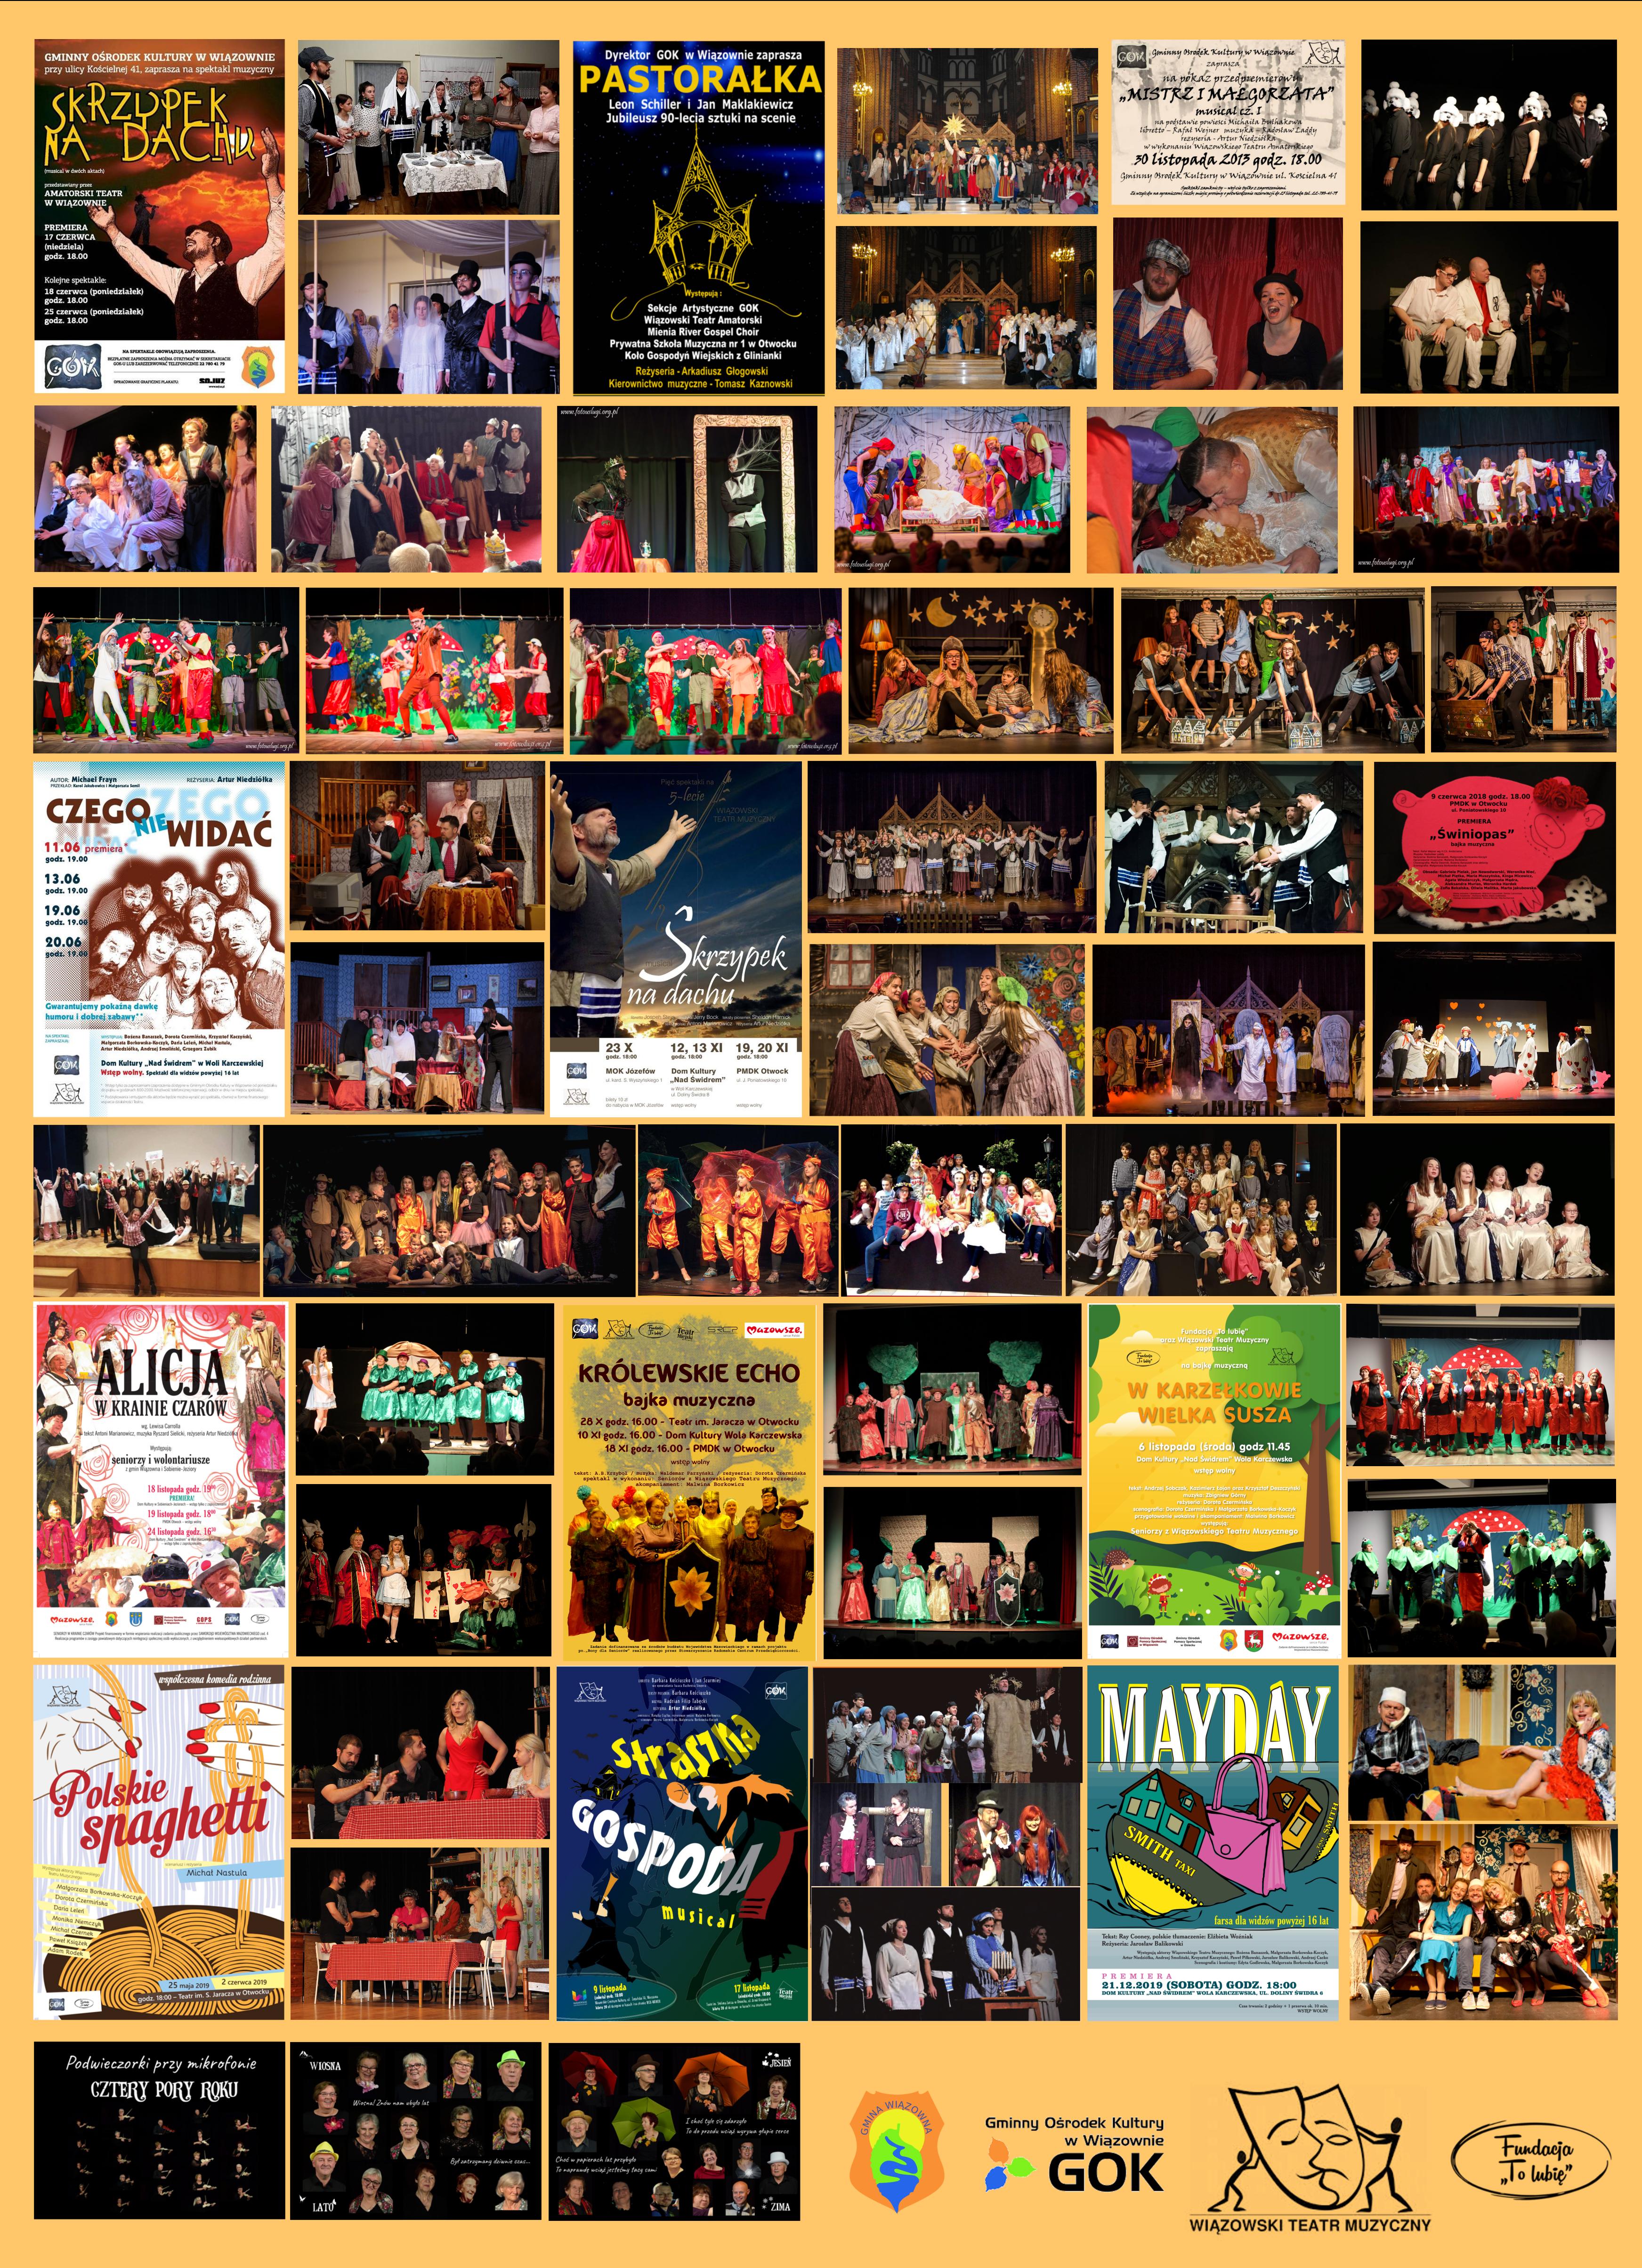 Plakat Wiązowskiego Teatru Muzycznego. Wiele małch zdjęć poukładanych jedno obok drugiego na pomarańczowymtle. Na dole herb Gminy Wiązowna i loga GOK i biblioteki publicznej